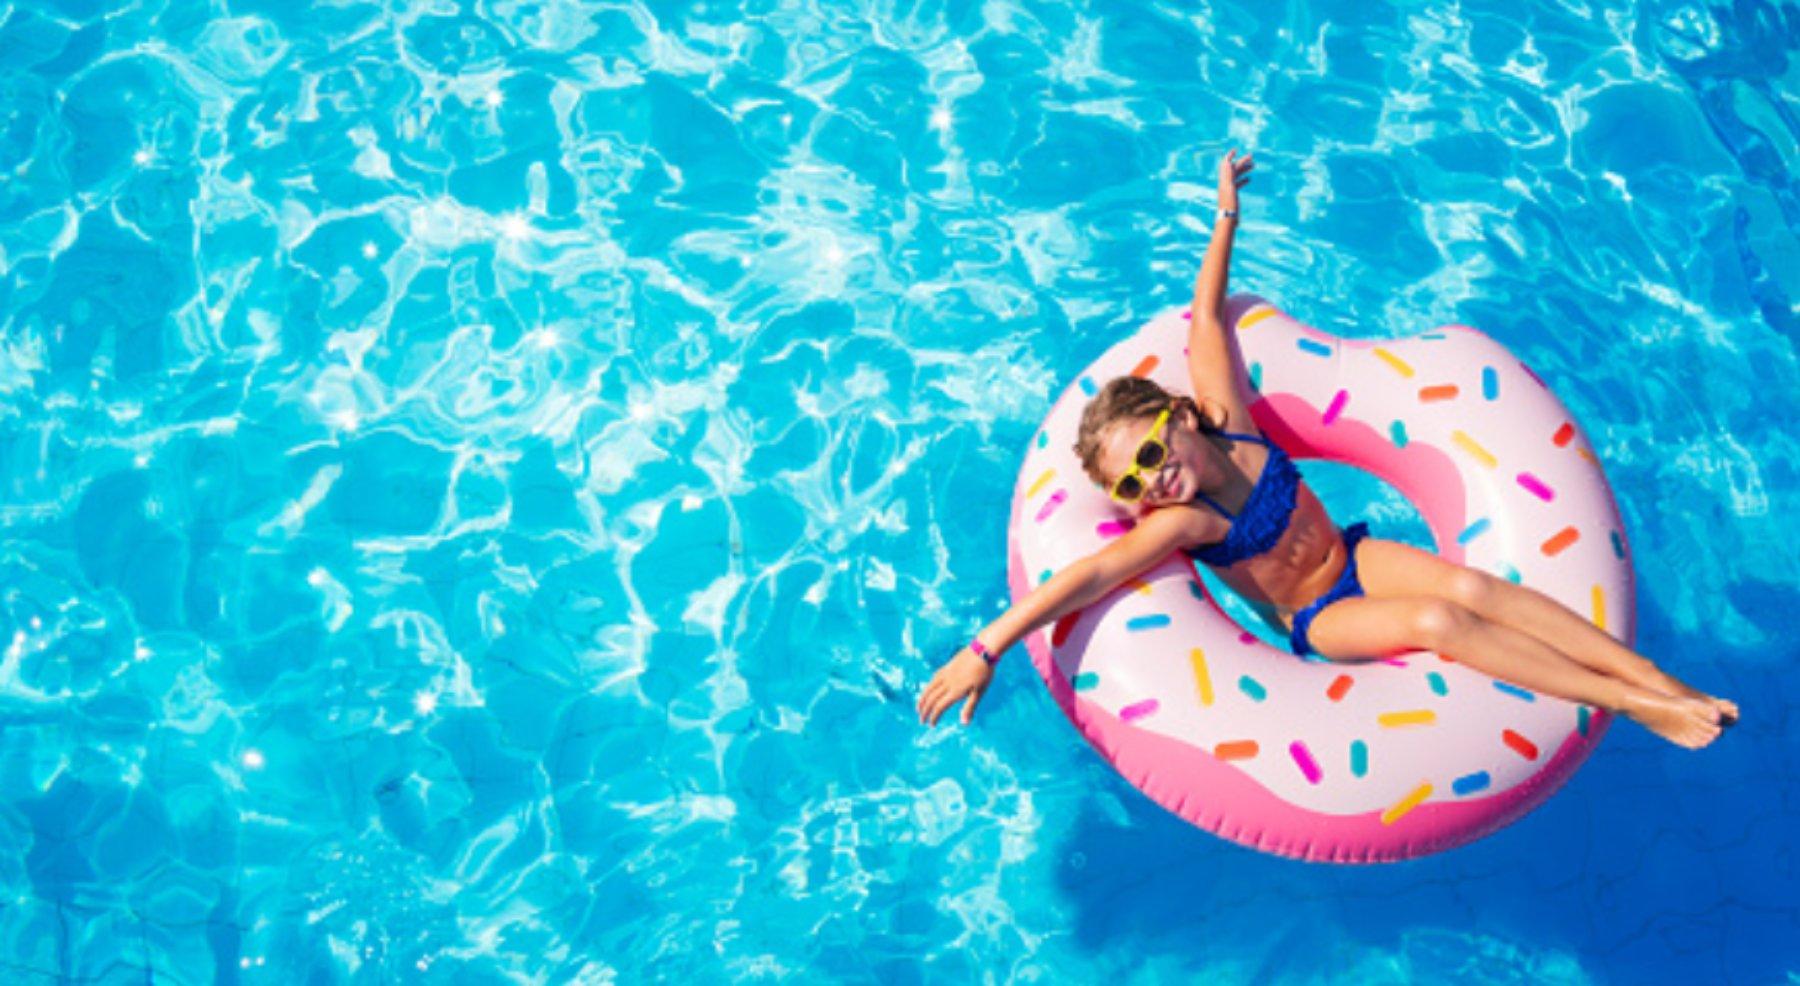 Requisitos y cómo conseguir los pases para las piscinas de la Comunidad de Madrid gratuitas